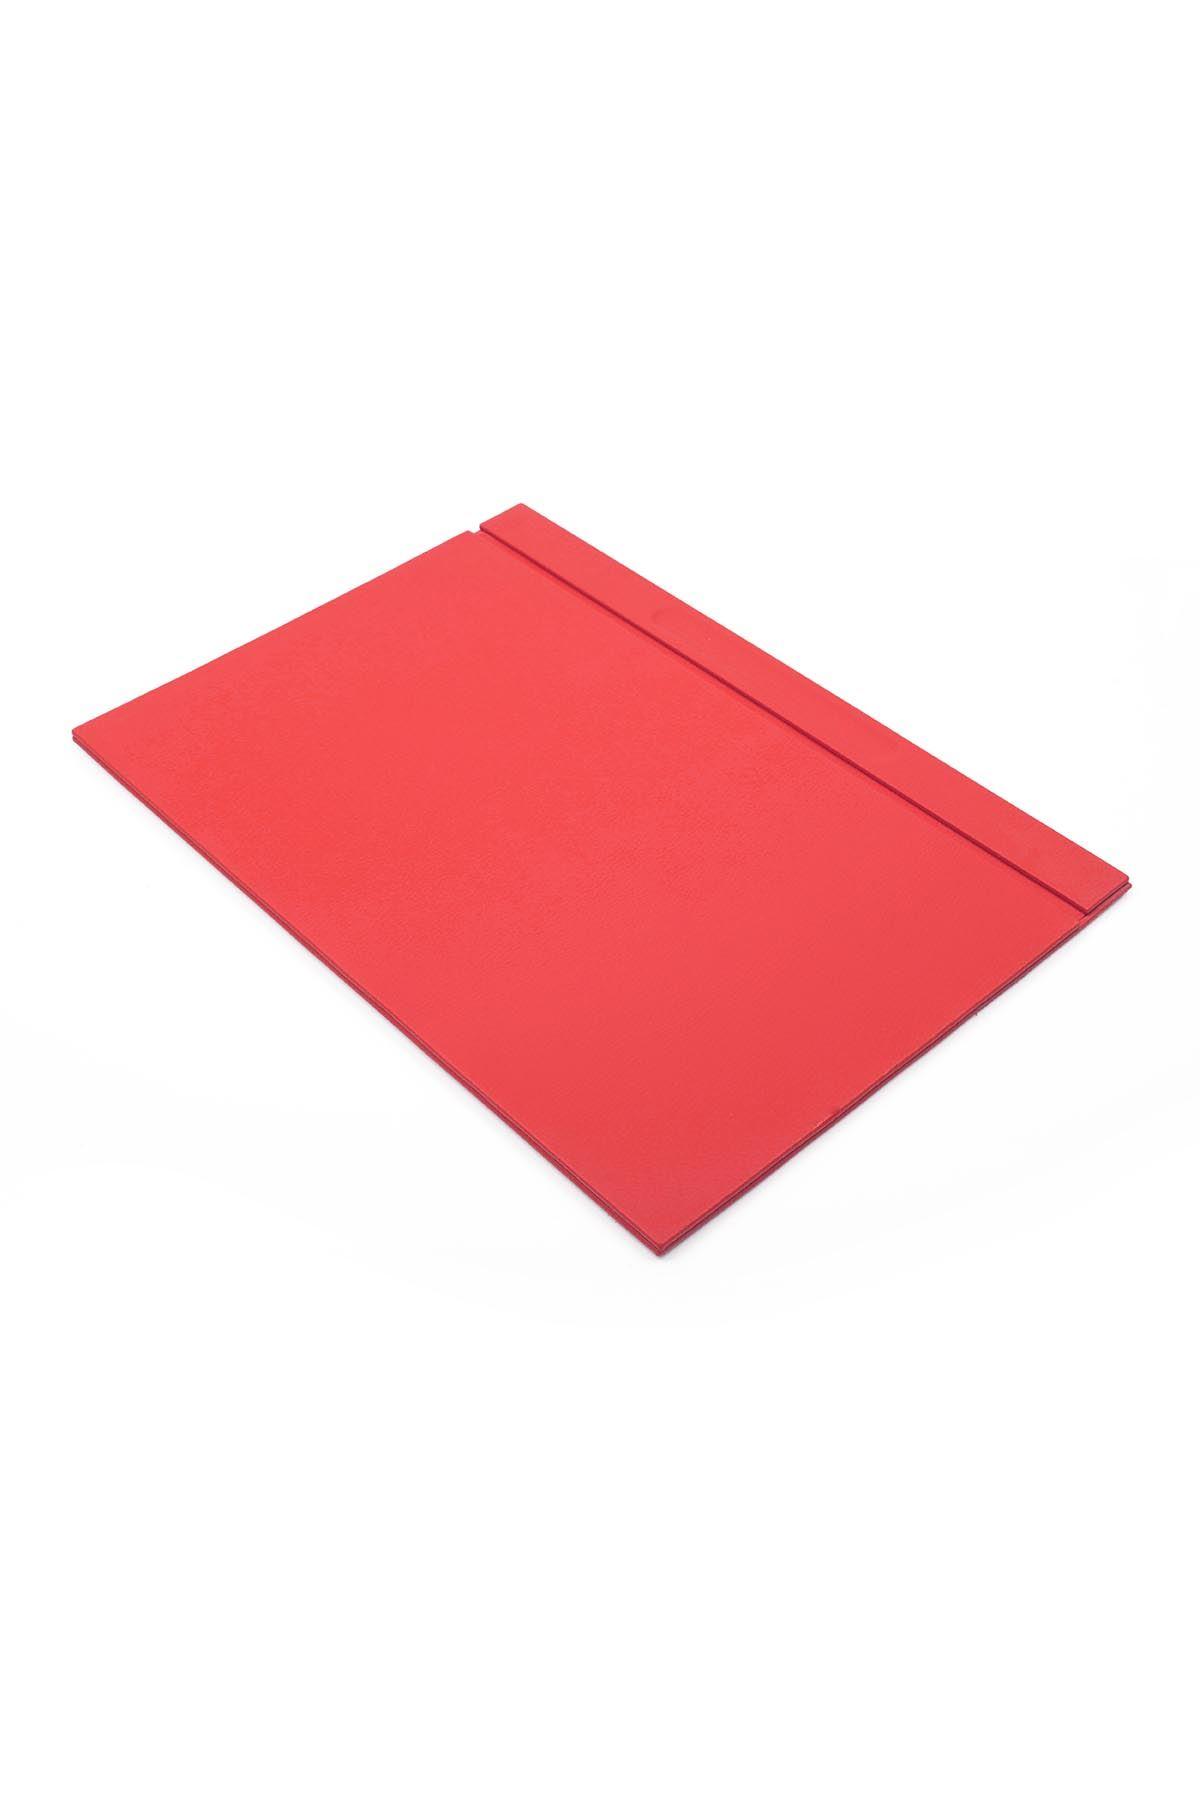 Deri Sümen Takımı Kırmızı 10 Parça İklili Evrak Raflı İsimlik Hediyeli